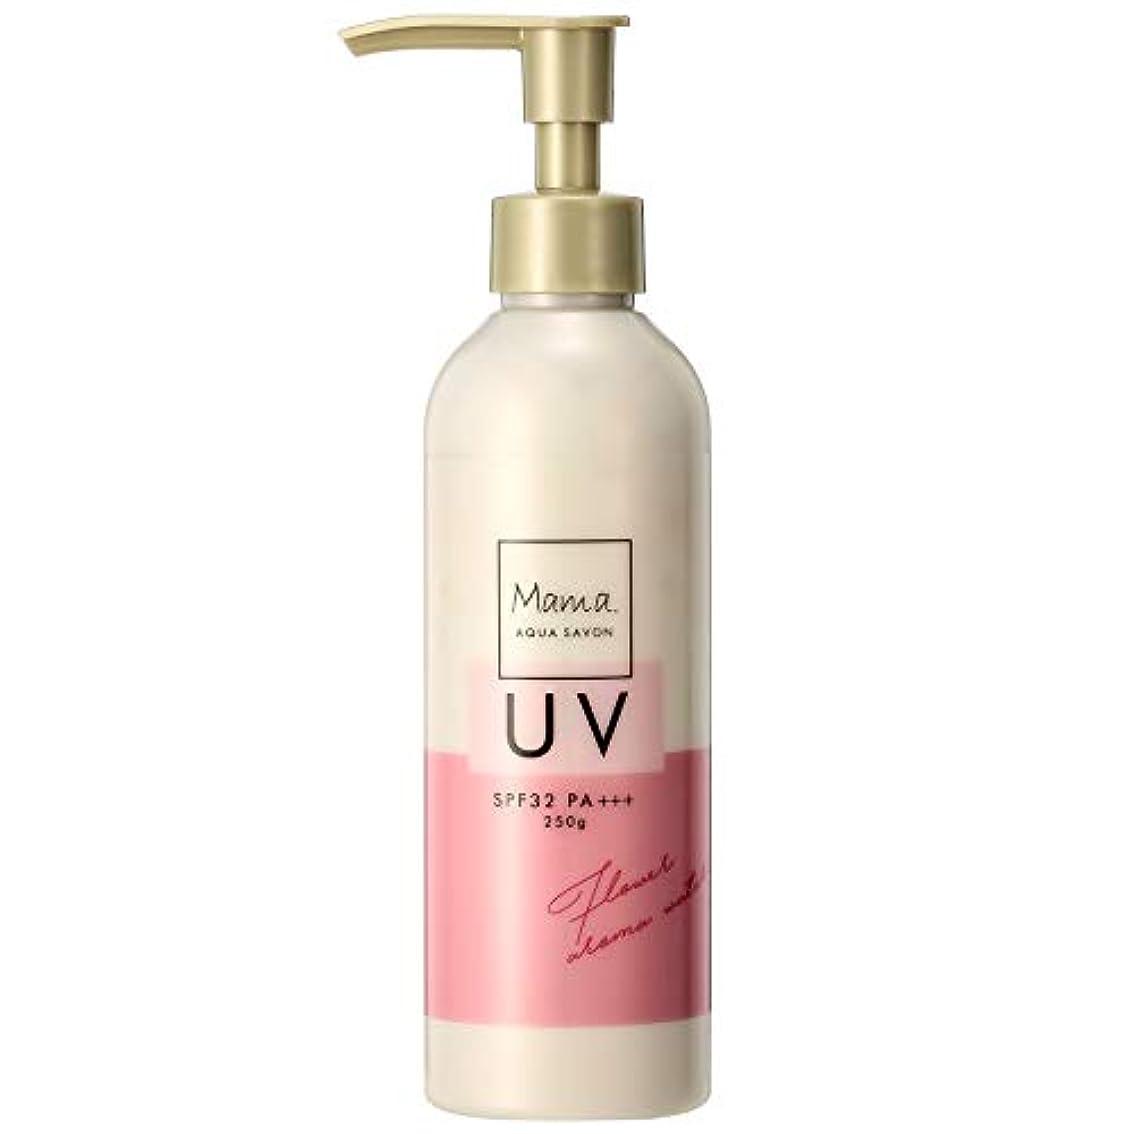 記録同様に関与するママアクアシャボン UVモイストジェル フラワーアロマウォーターの香り 19S 250g